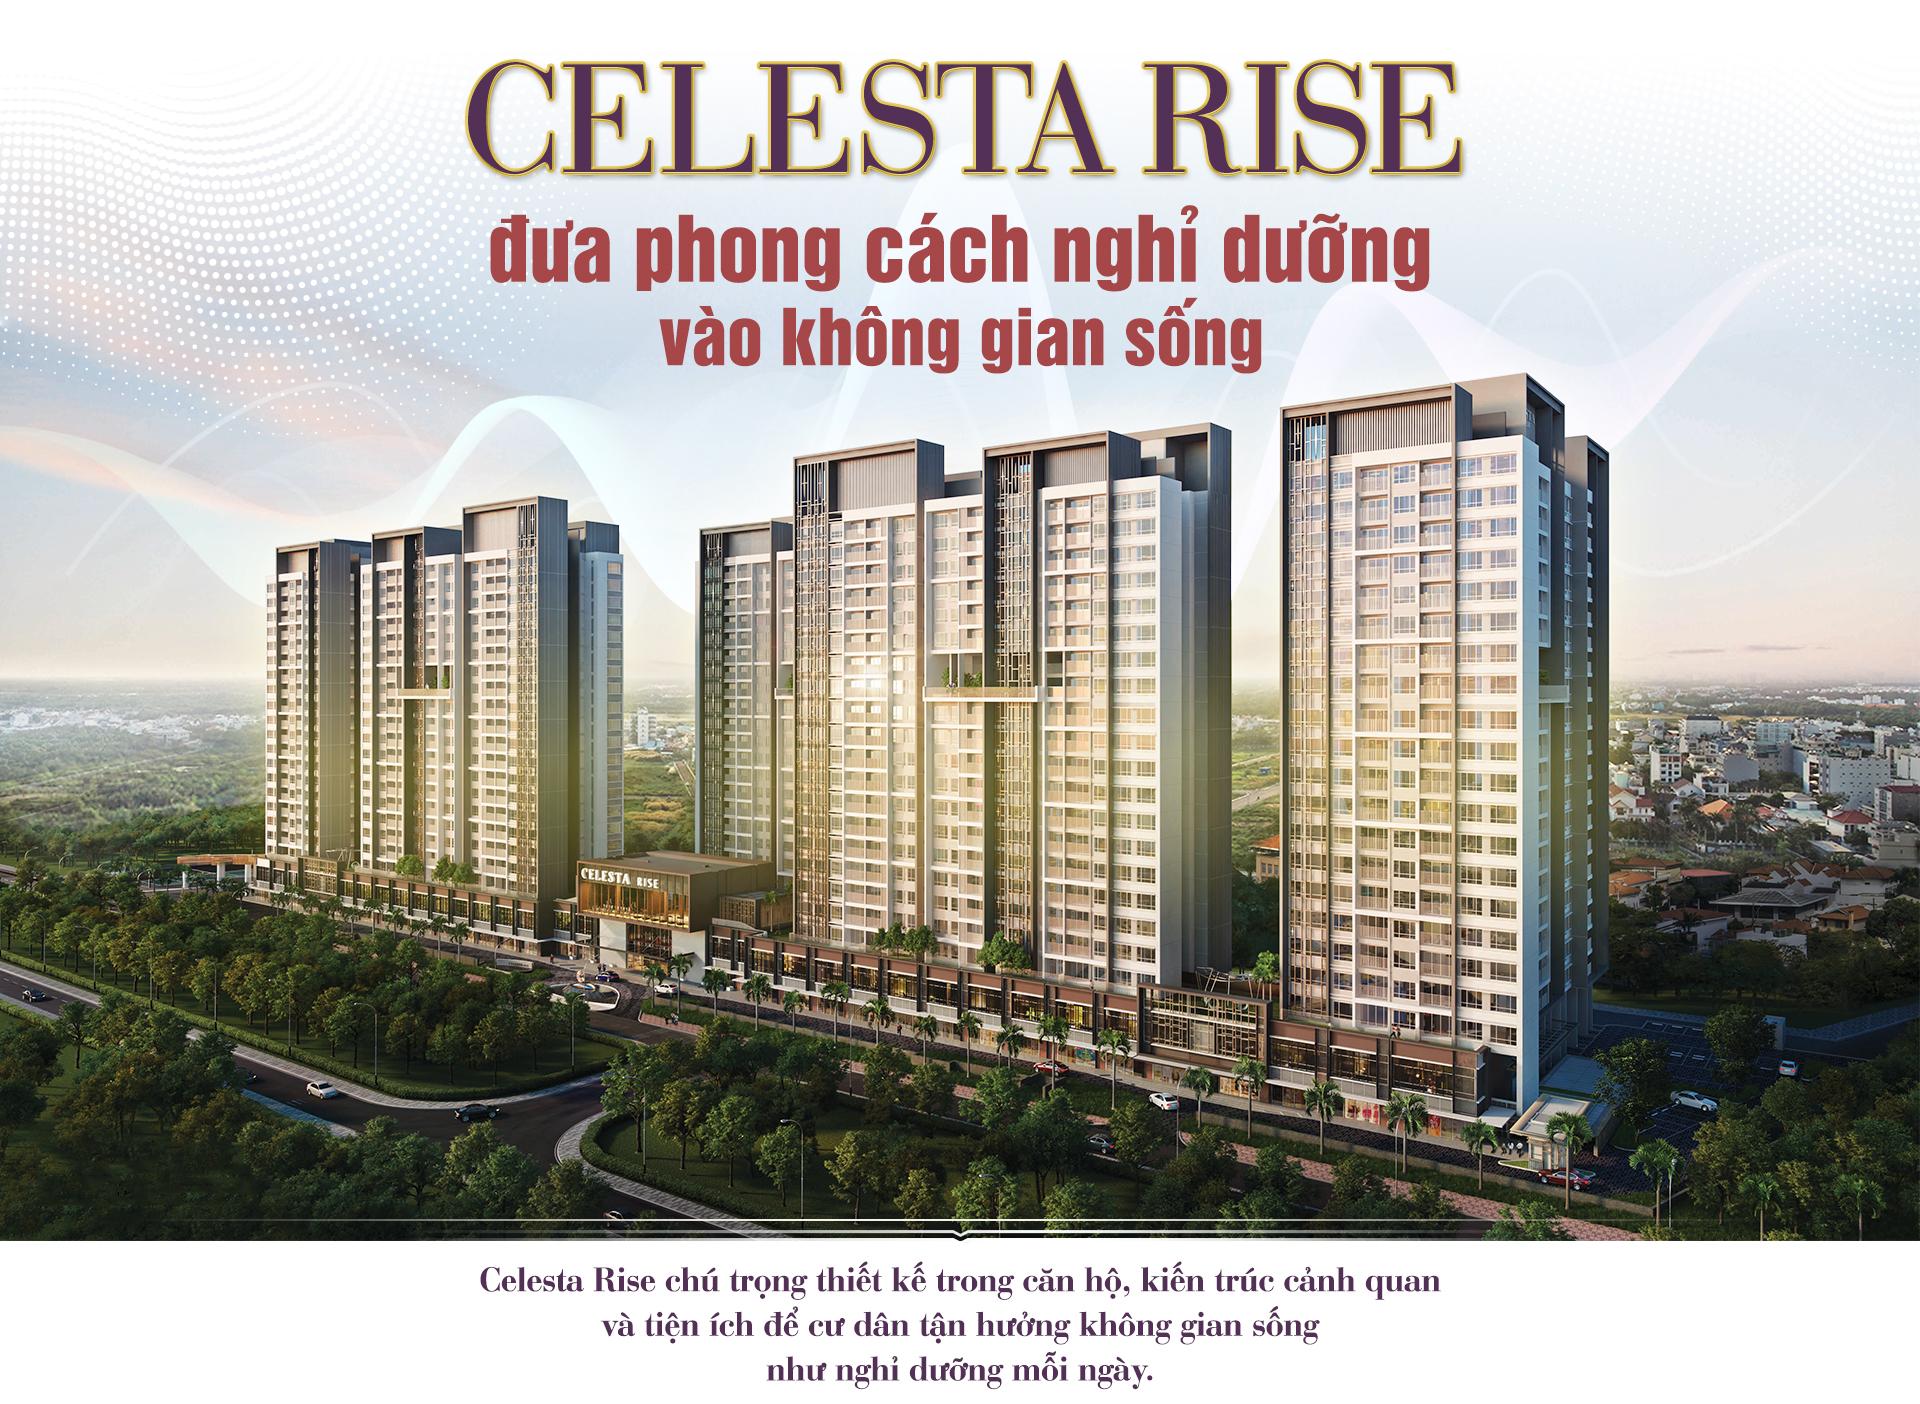 Celesta Rise đưa phong cách nghỉ dưỡng vào không gian sống 2020 7